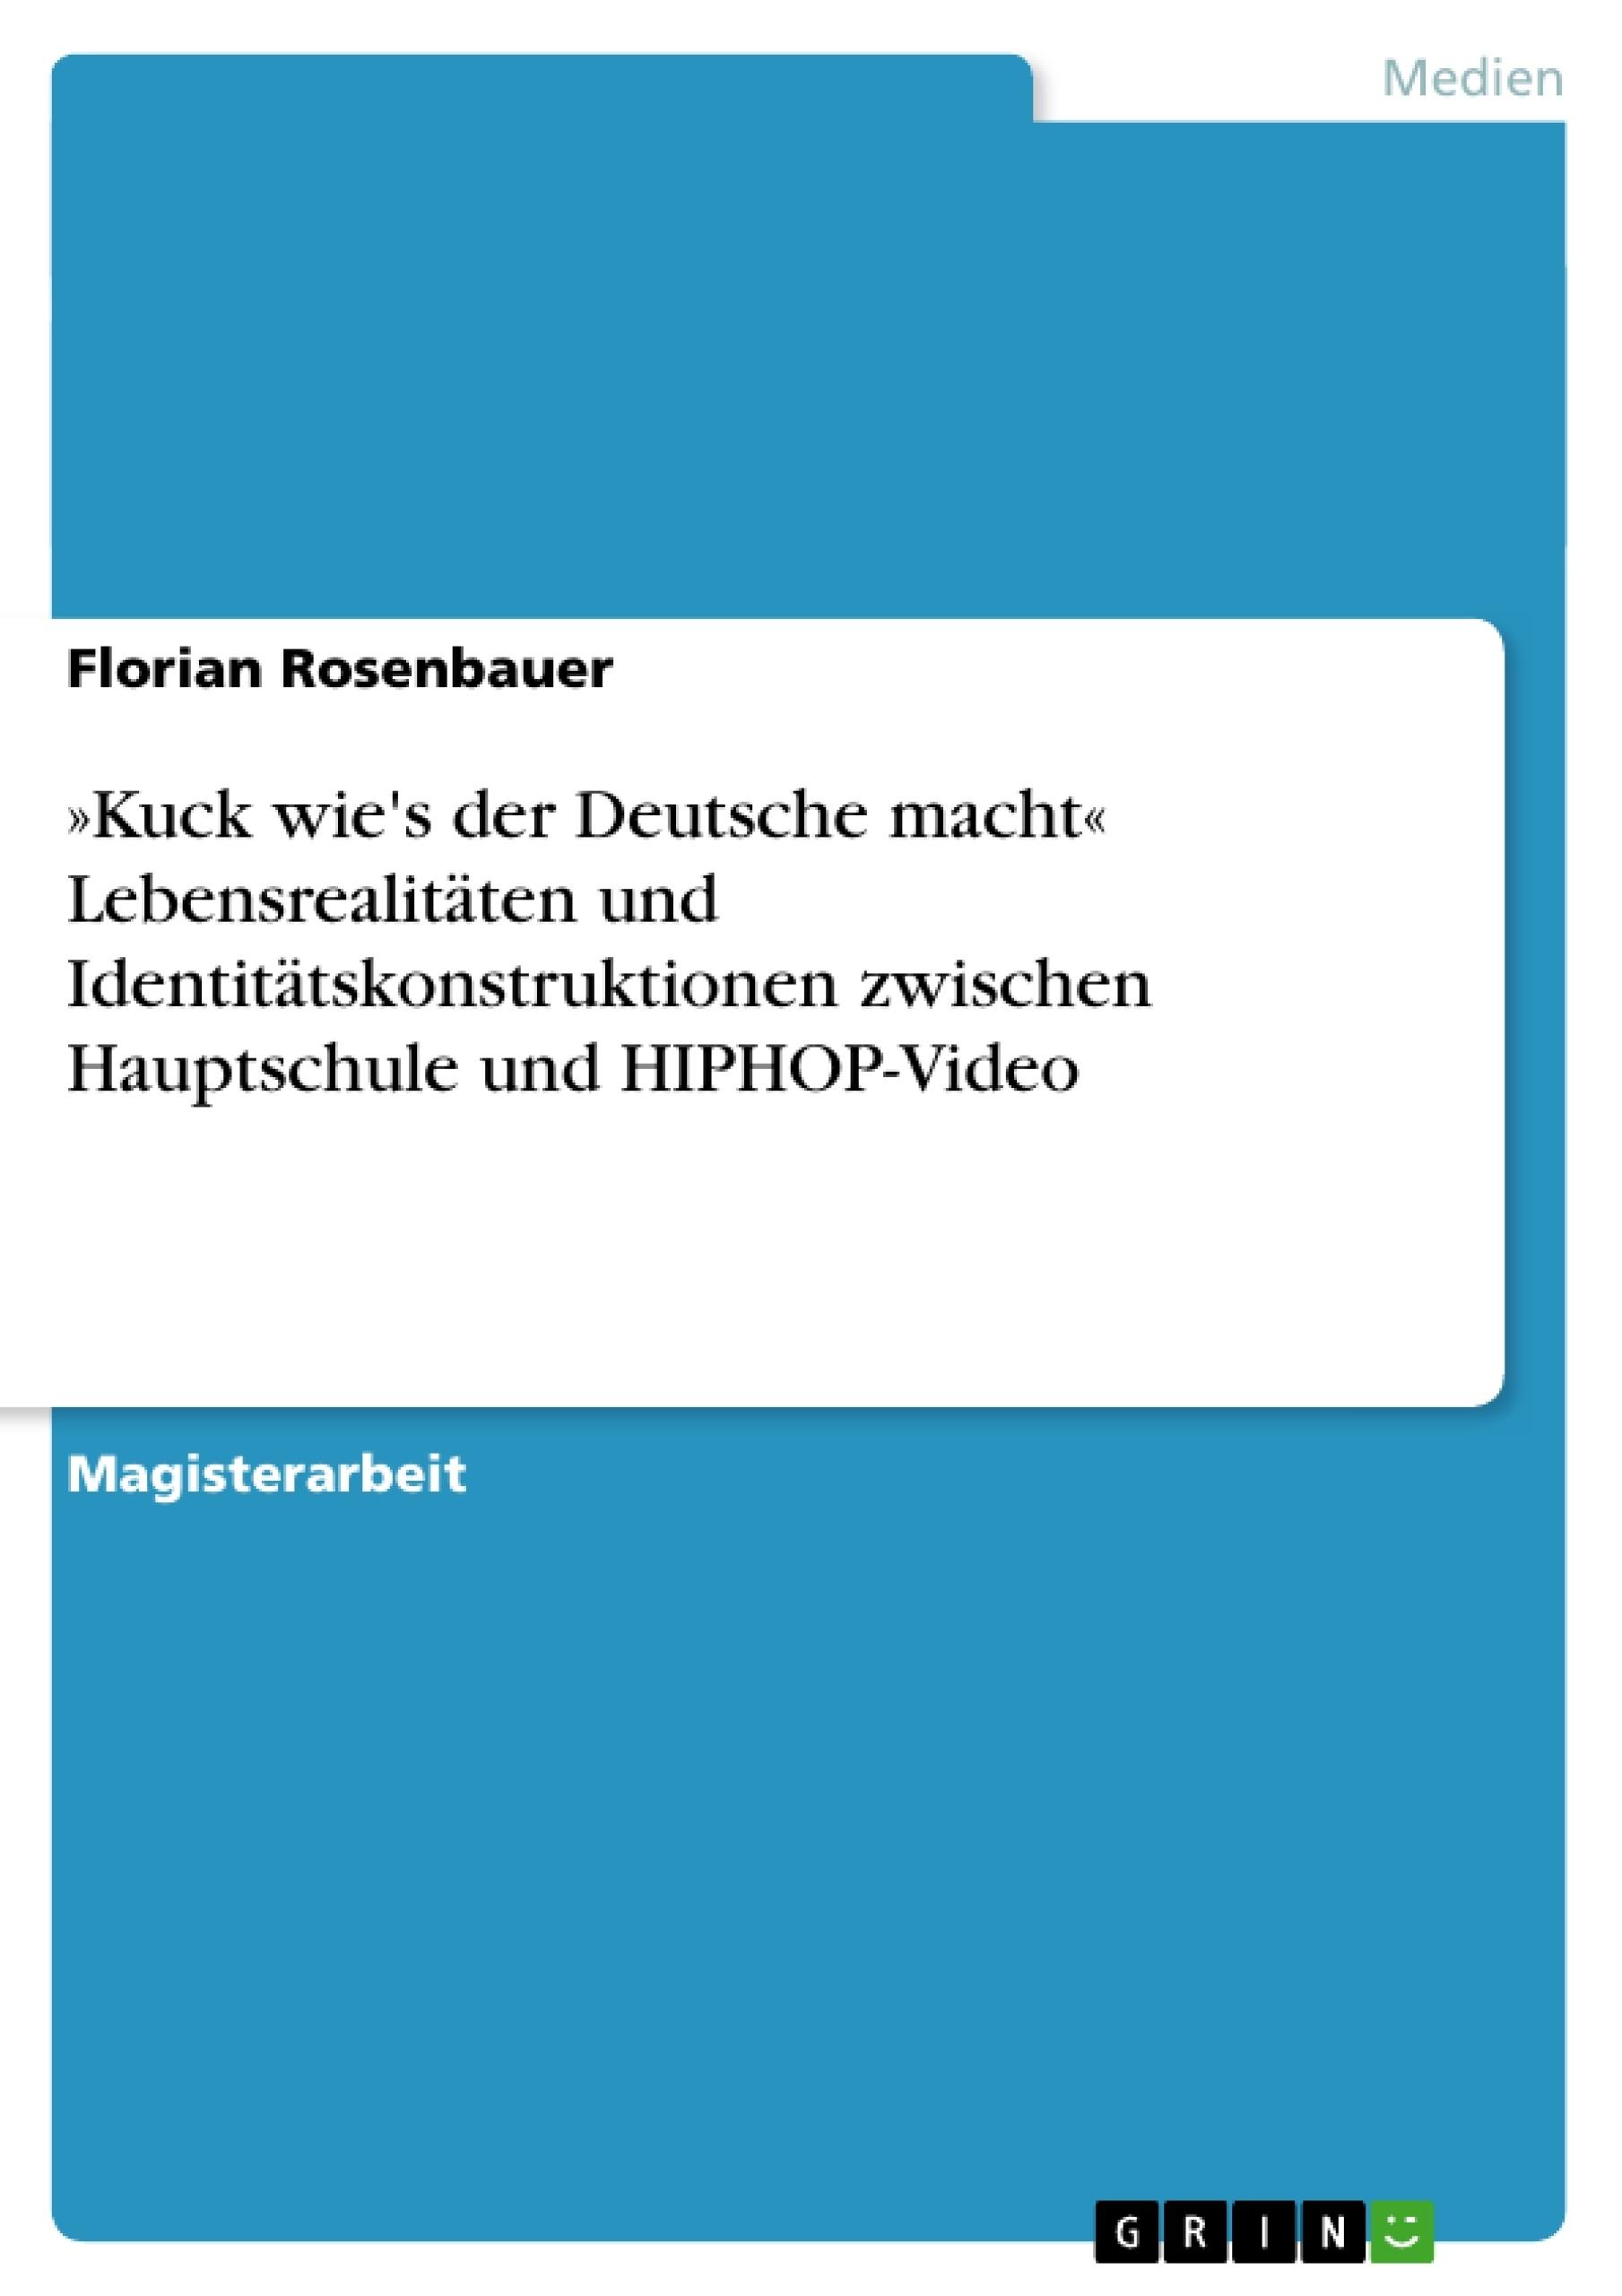 Titel: »Kuck wie's der Deutsche macht« Lebensrealitäten und Identitätskonstruktionen zwischen Hauptschule und HIPHOP-Video